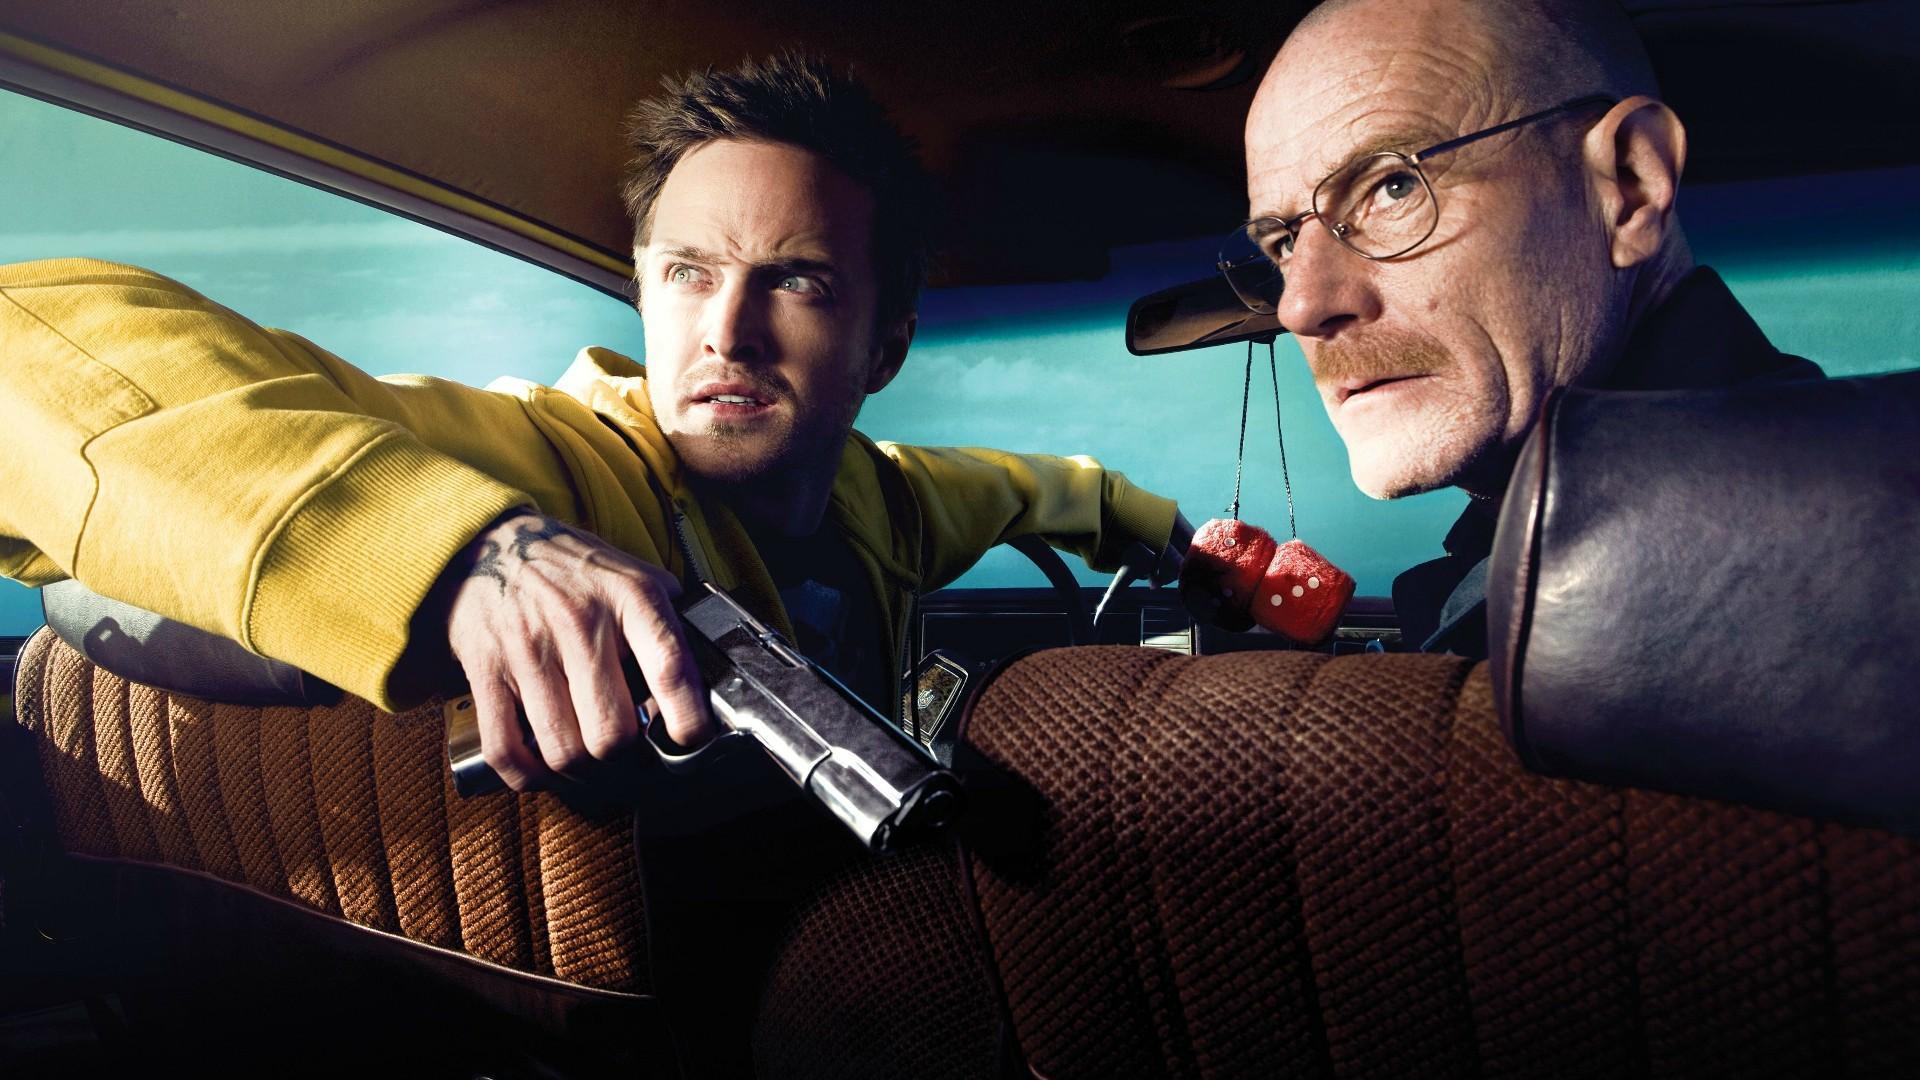 En episode av den populære TV-serien Breaking Bad i 4K har nå funnet veien til torrentsidene. Foto: AMC